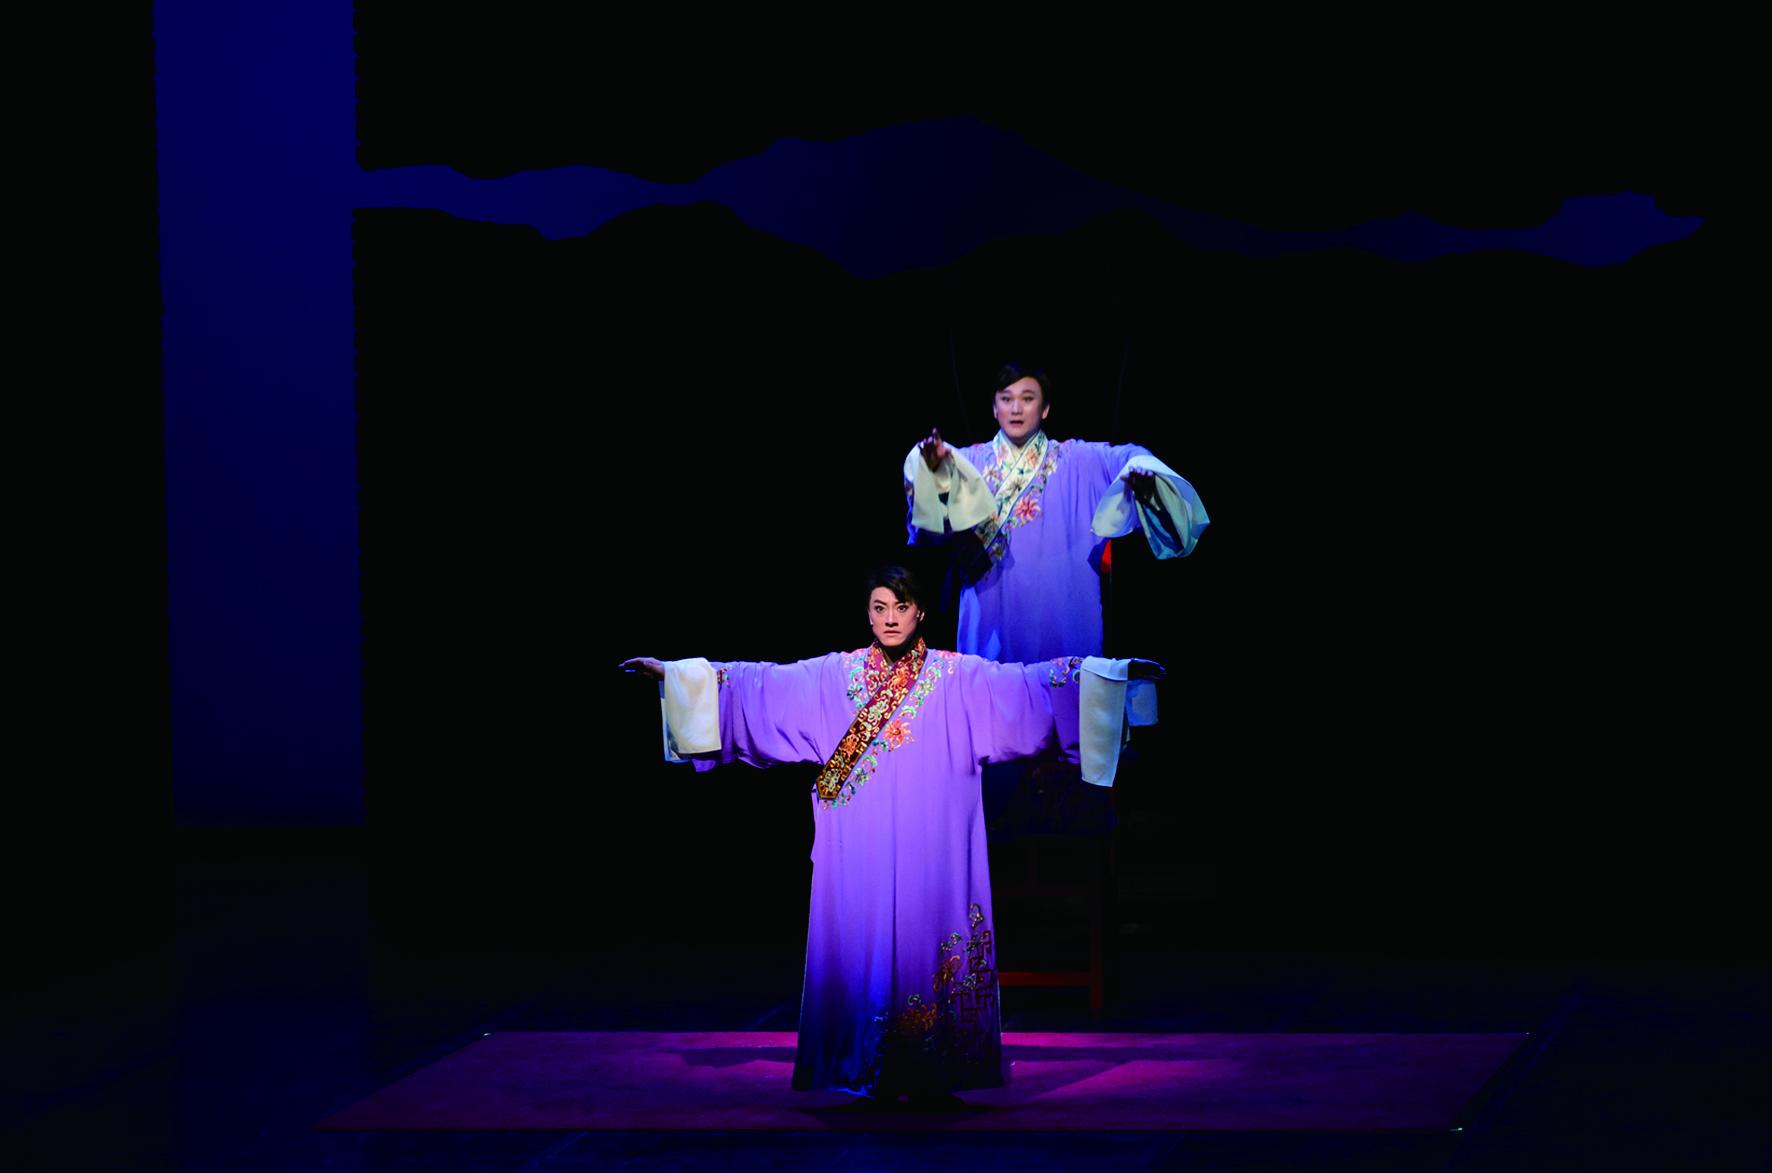 《百年戲樓》以舞臺劇的形式展現京劇演員臺前幕後的藝事浮生。.jpg